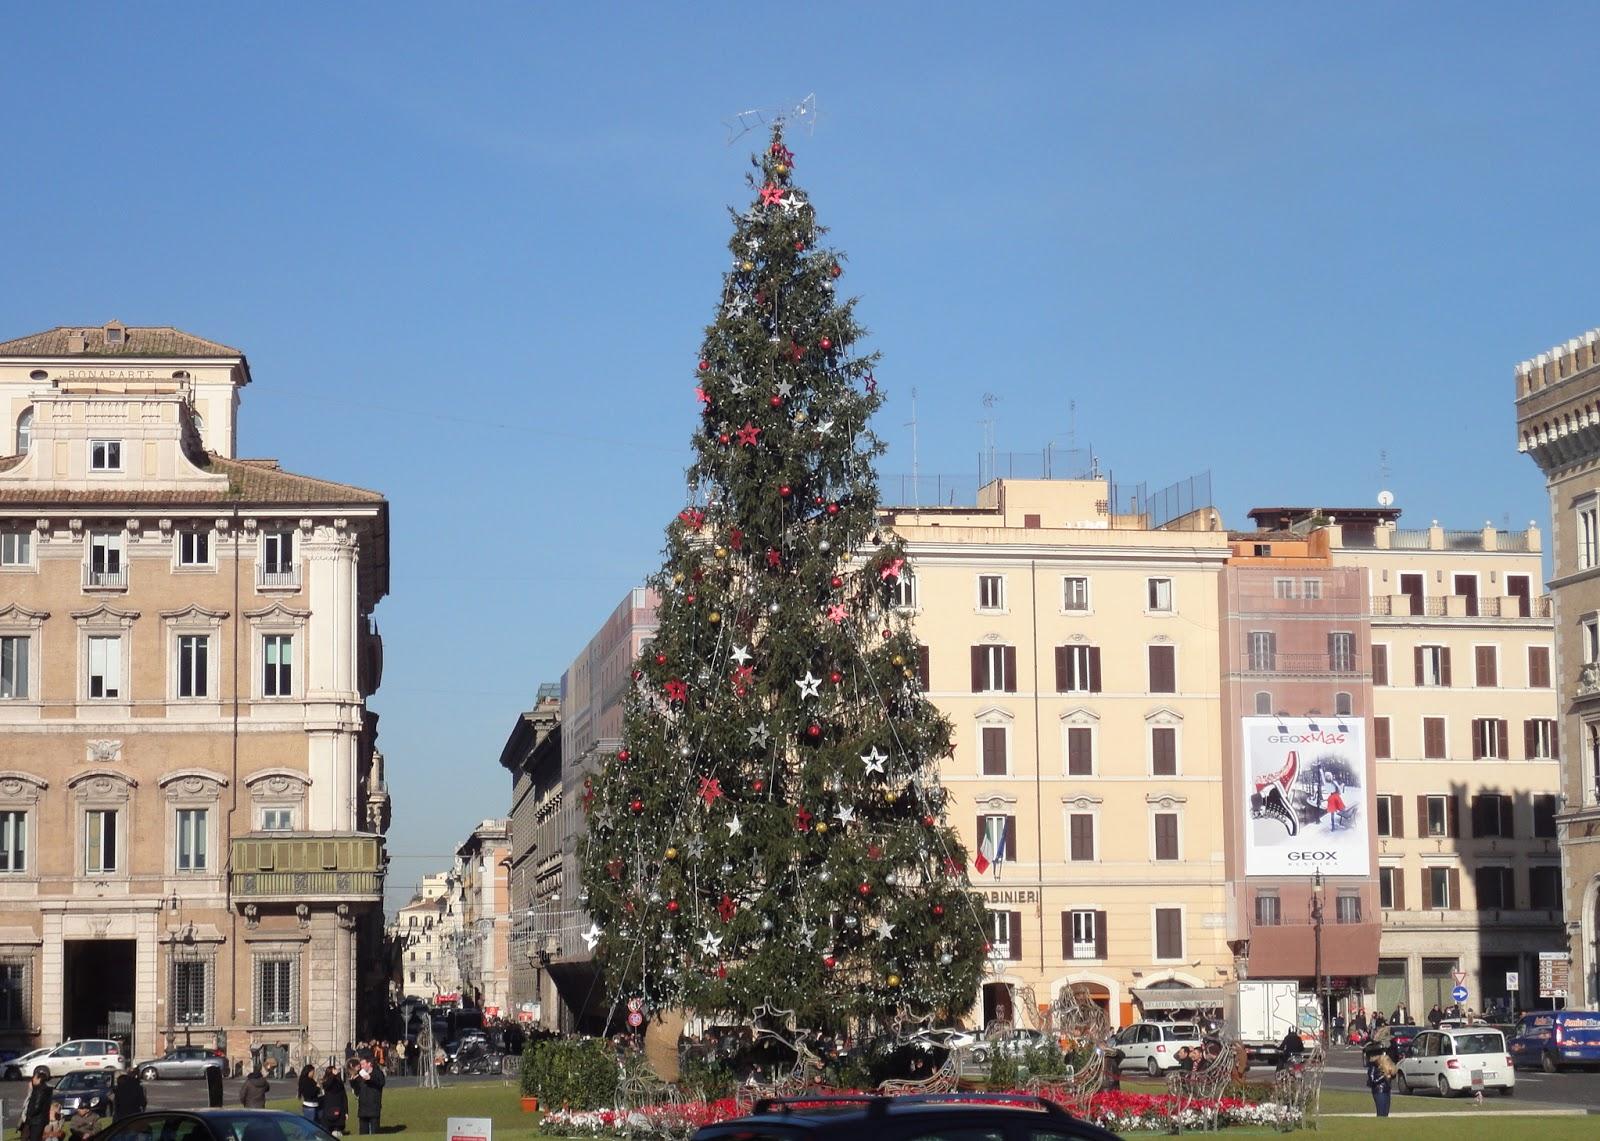 einfach mal italienisch: Weihnachten in Rom